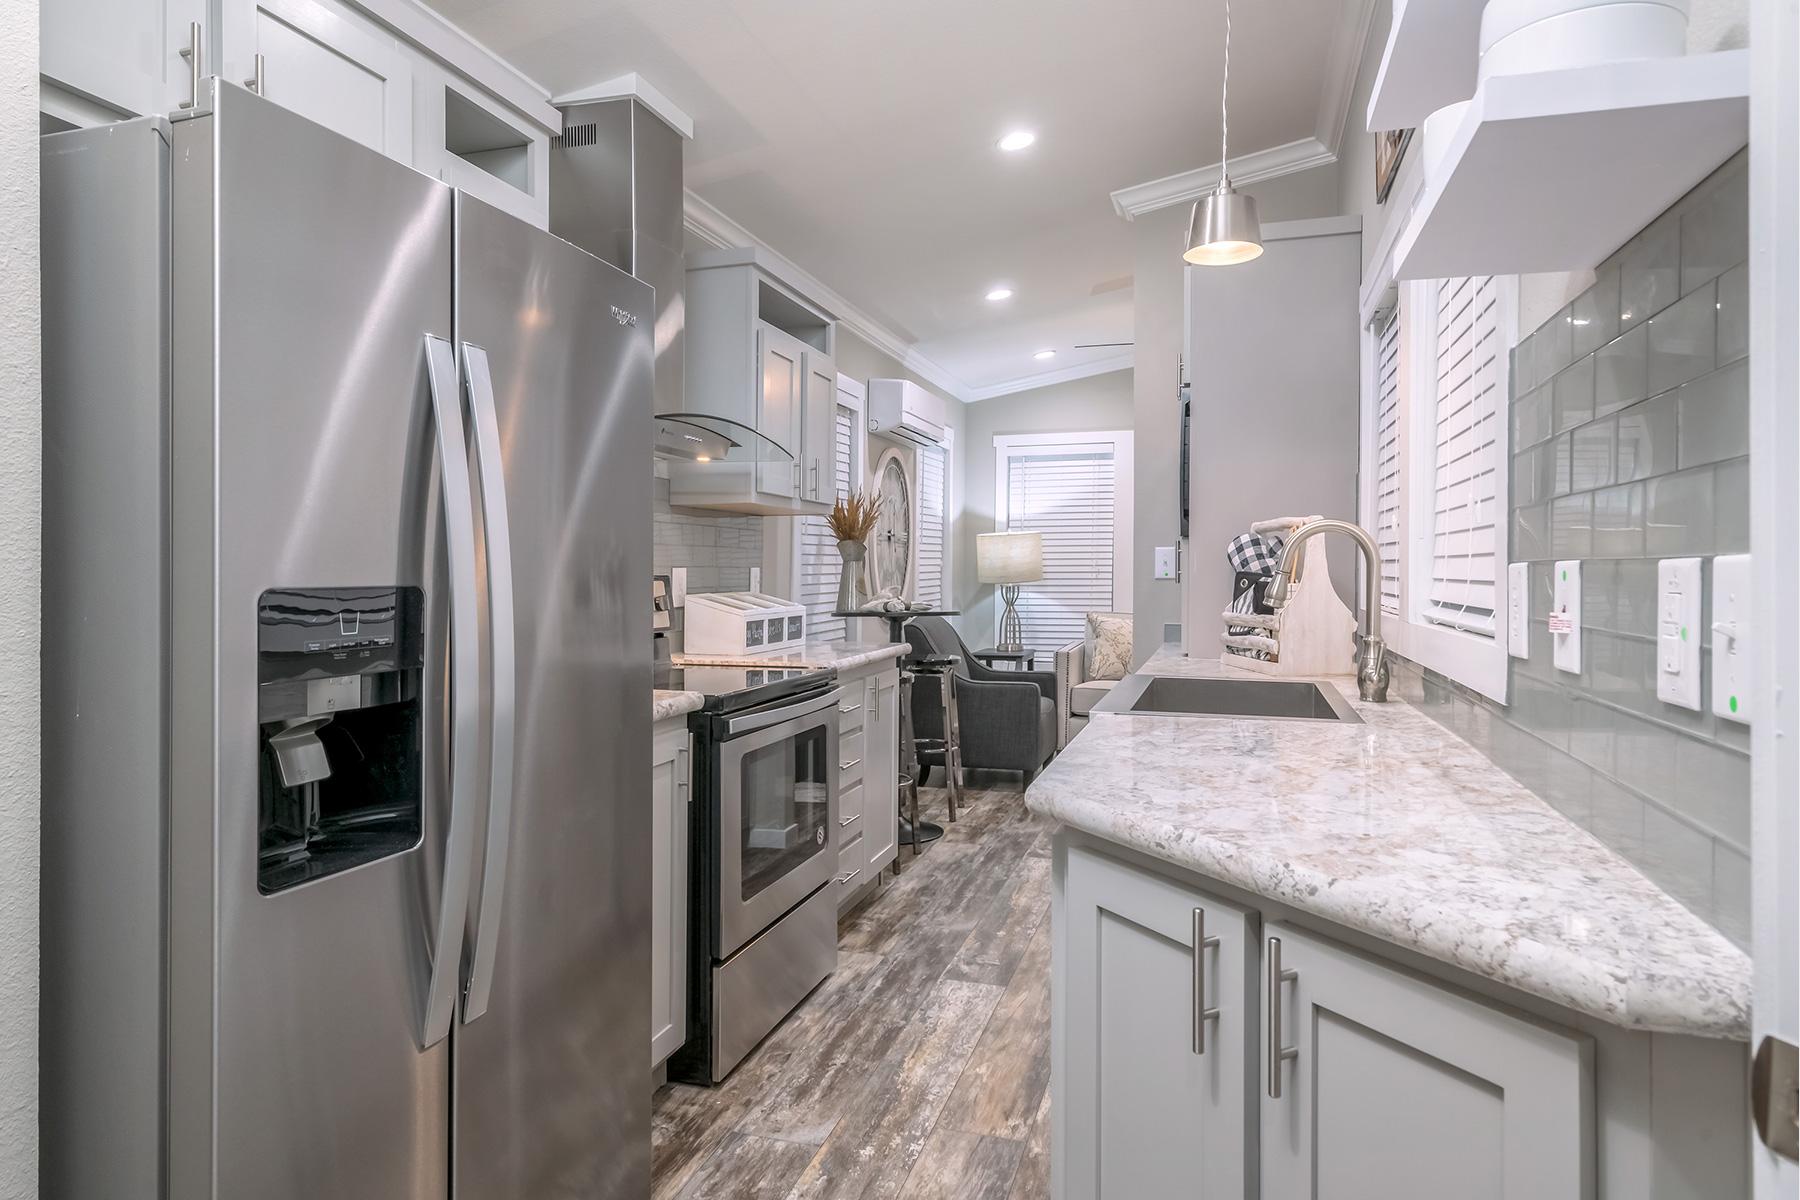 520-kitchen-4